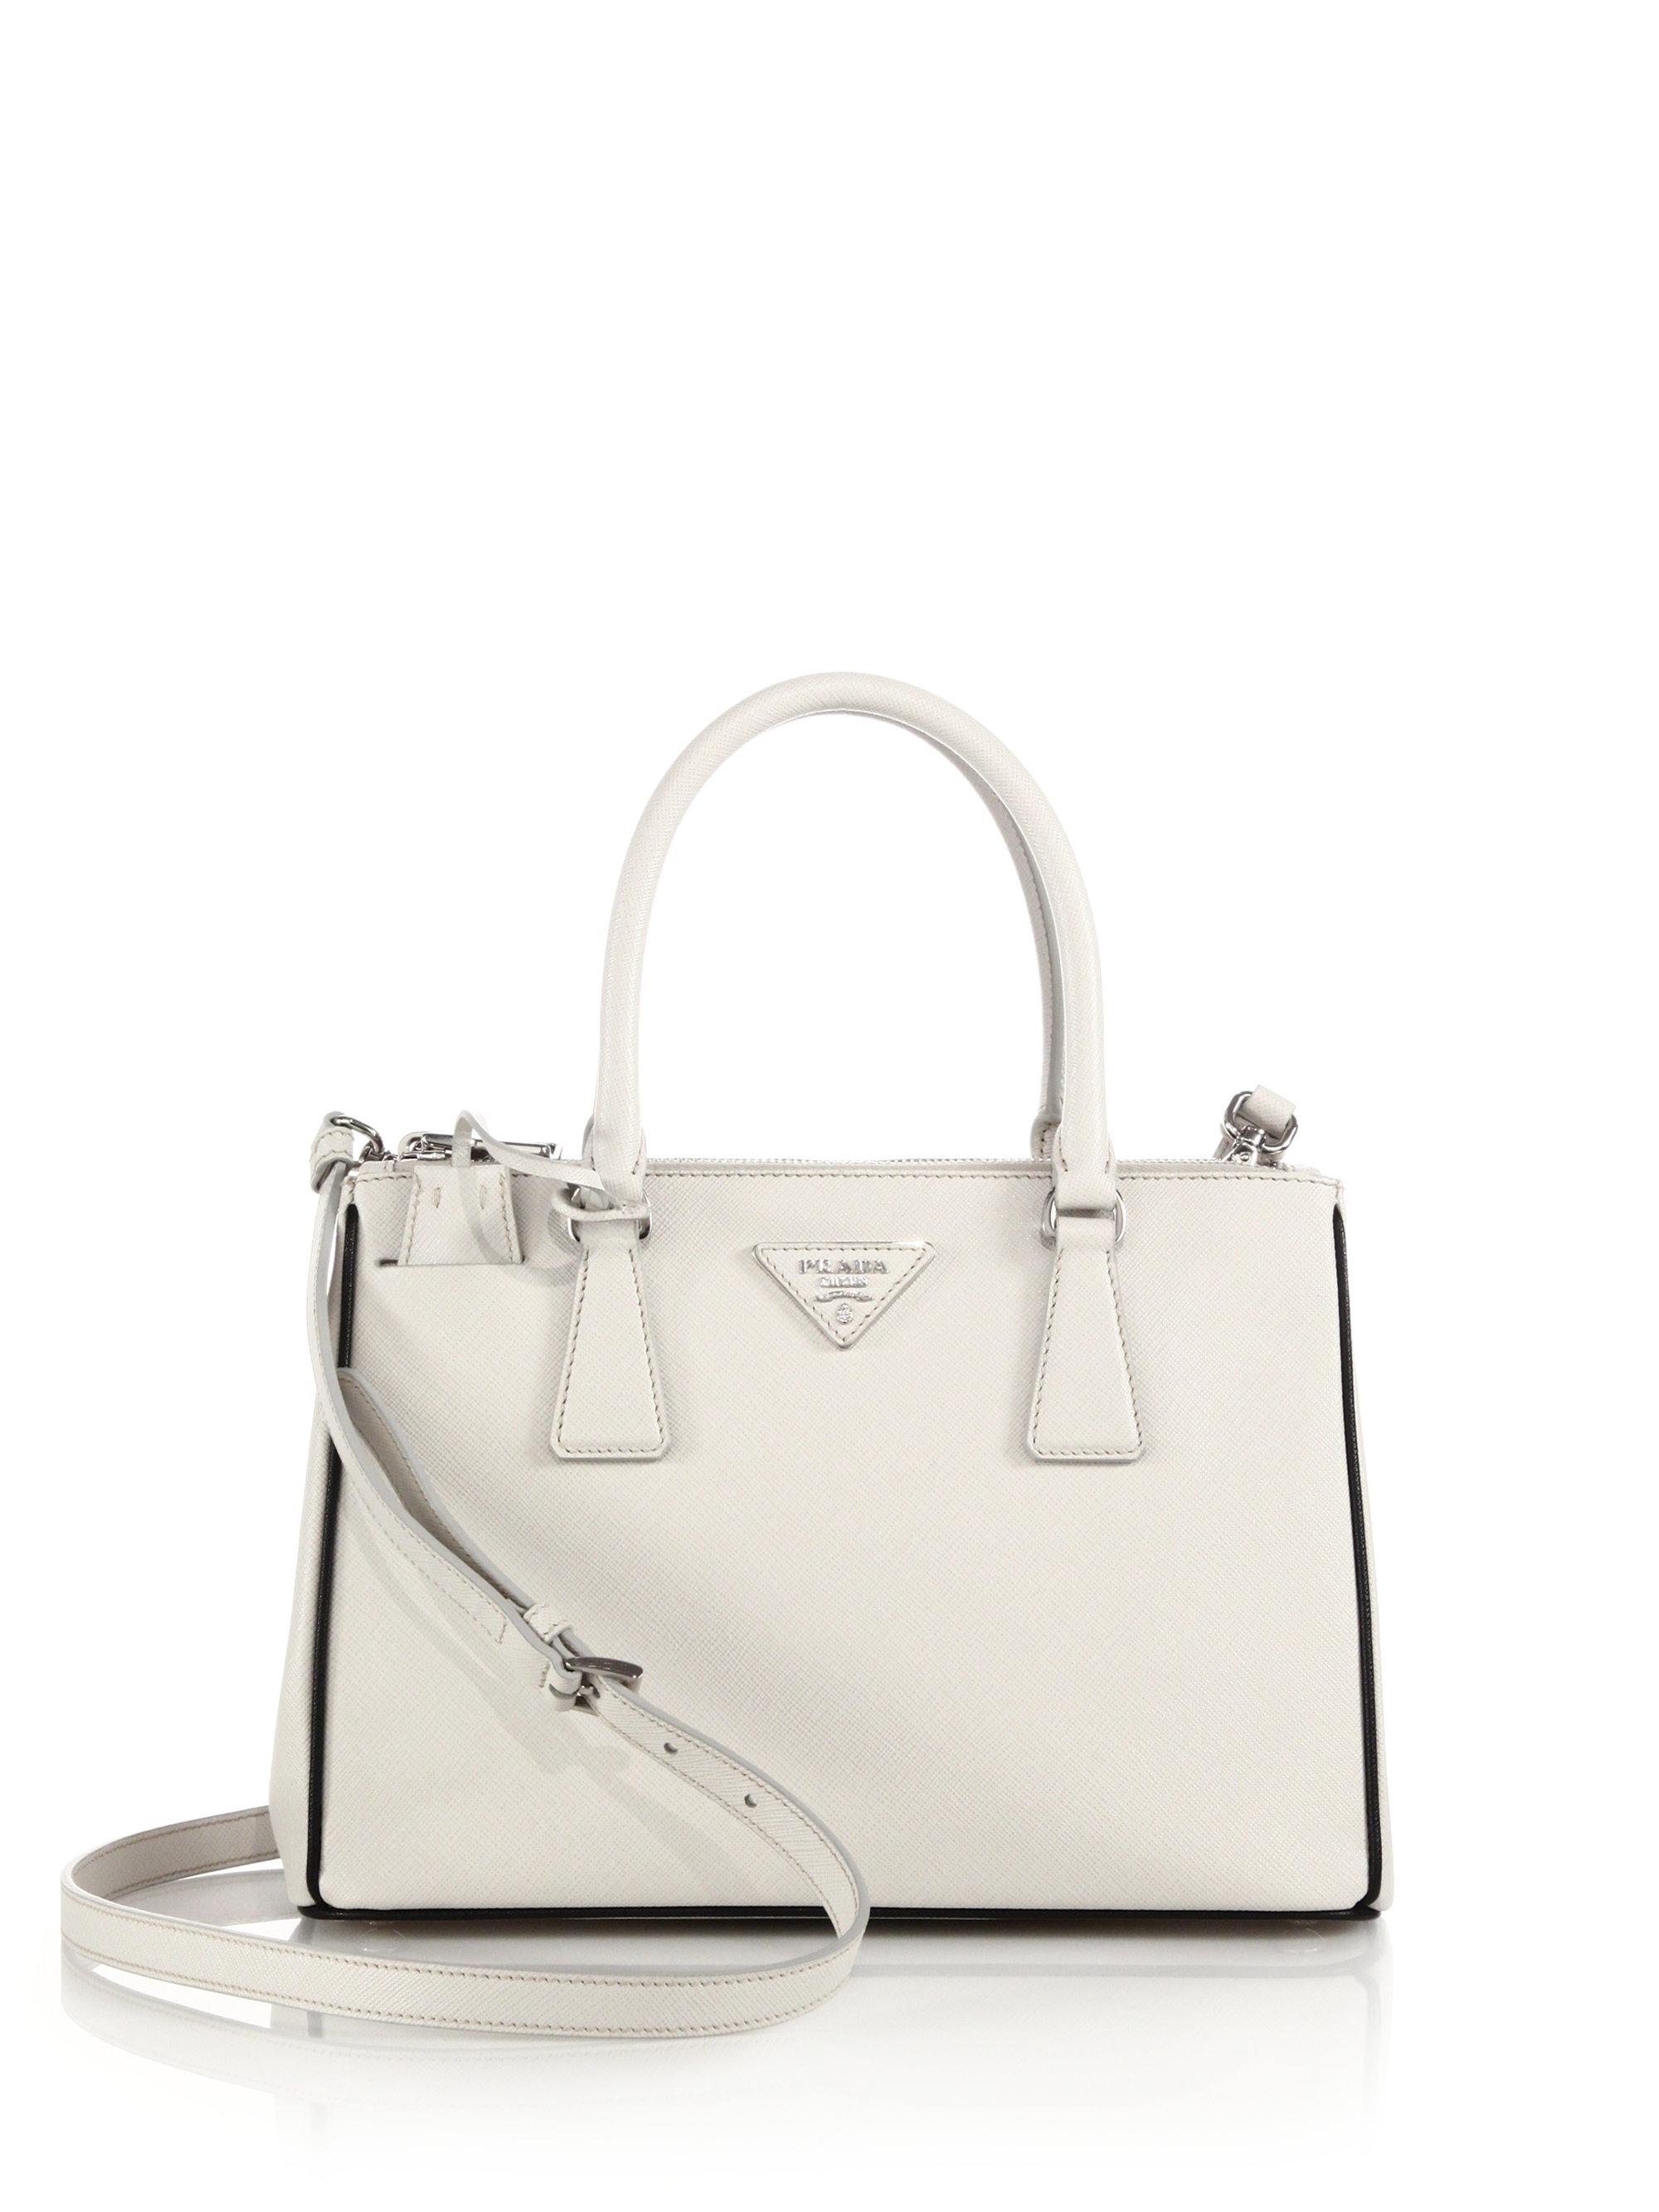 cc074c0e263 Lyst - Prada Saffiano Lux Small Double-zip Tote in White